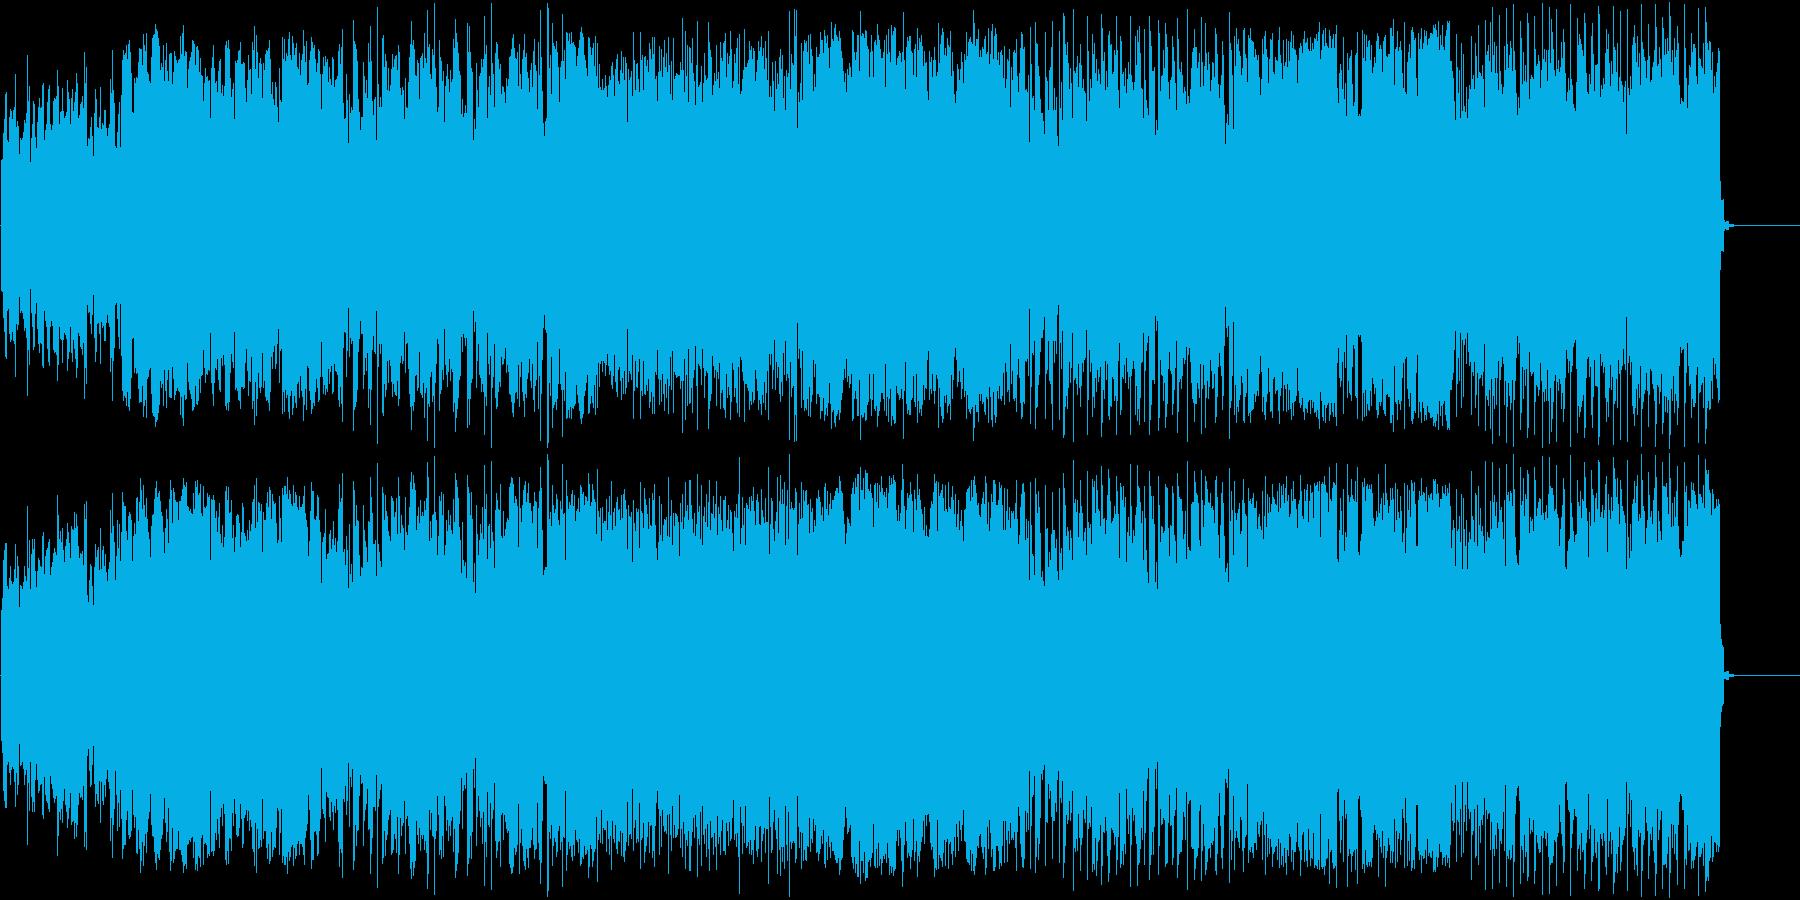 妖怪が出てきそうな怪しい雰囲気のBGMの再生済みの波形